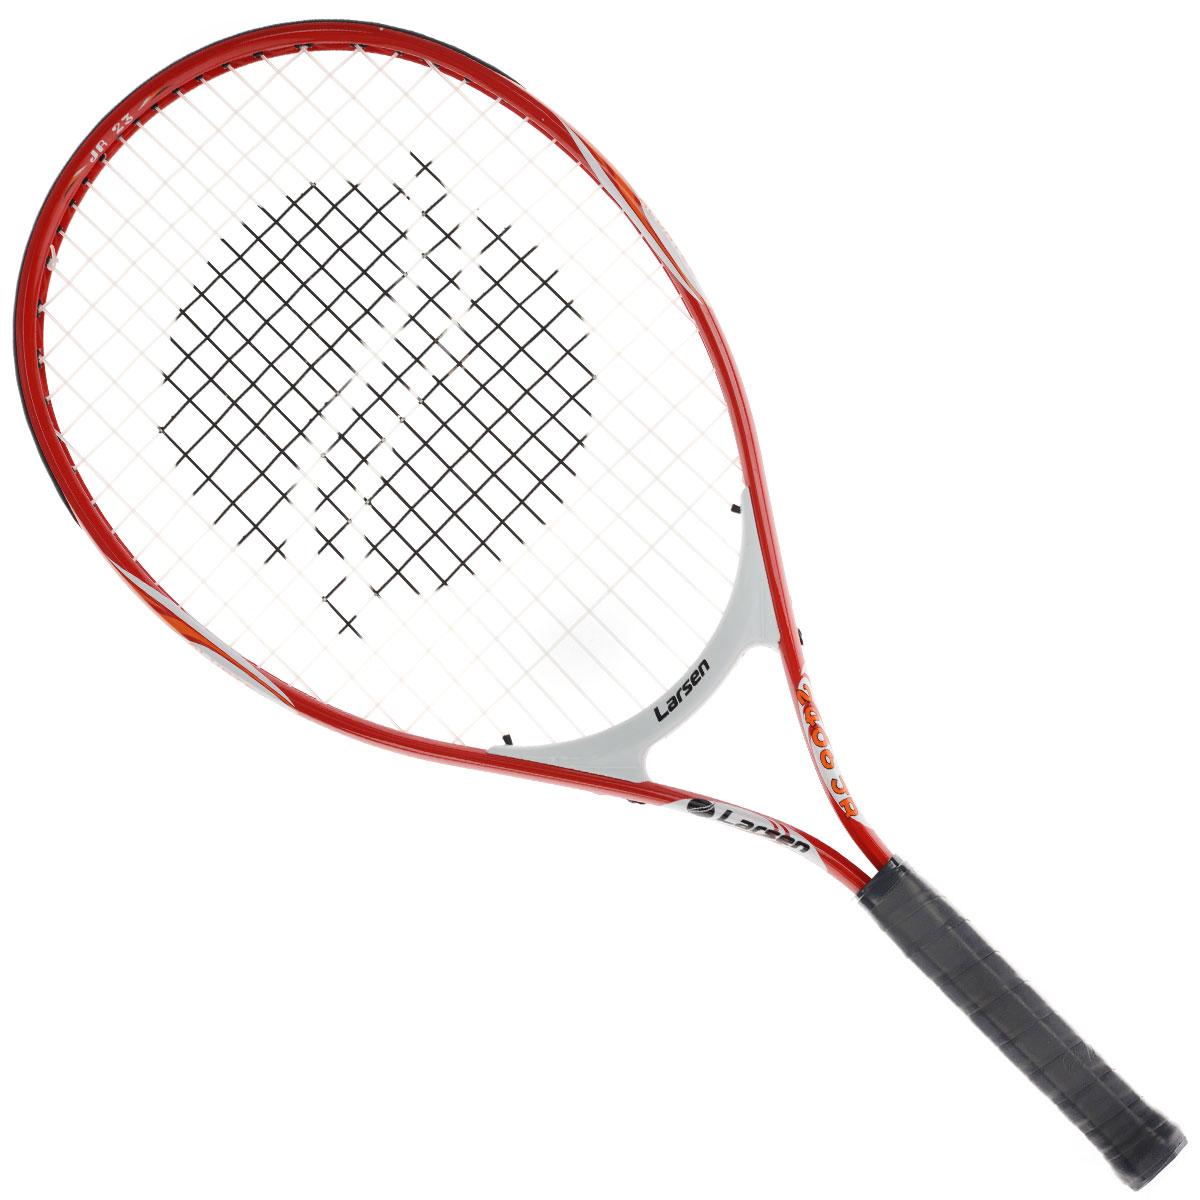 Ракетка для большого тенниса Larsen JR2406332515-2800Ракетка для большого тенниса Larsen JR2406 предназначена специально для начинающих игроков. Ручка ракетки отлично закрепляется в руке. Легкость материала обеспечивает быстрый размах ракеткой и хороший контроль мяча на поле. Игра с Larsen JR2406 доставит вам немало удовольствия. Характеристики: Материал: алюминий, графит. Вес: 235 г +/-5 г. Длина: 23. Баланс: 260 мм +/-7,5 мм. Рекомендуемое натяжение: 45-50 lbs/20-22 кг. Размер упаковки: 66 см х 28 см х 3 см.